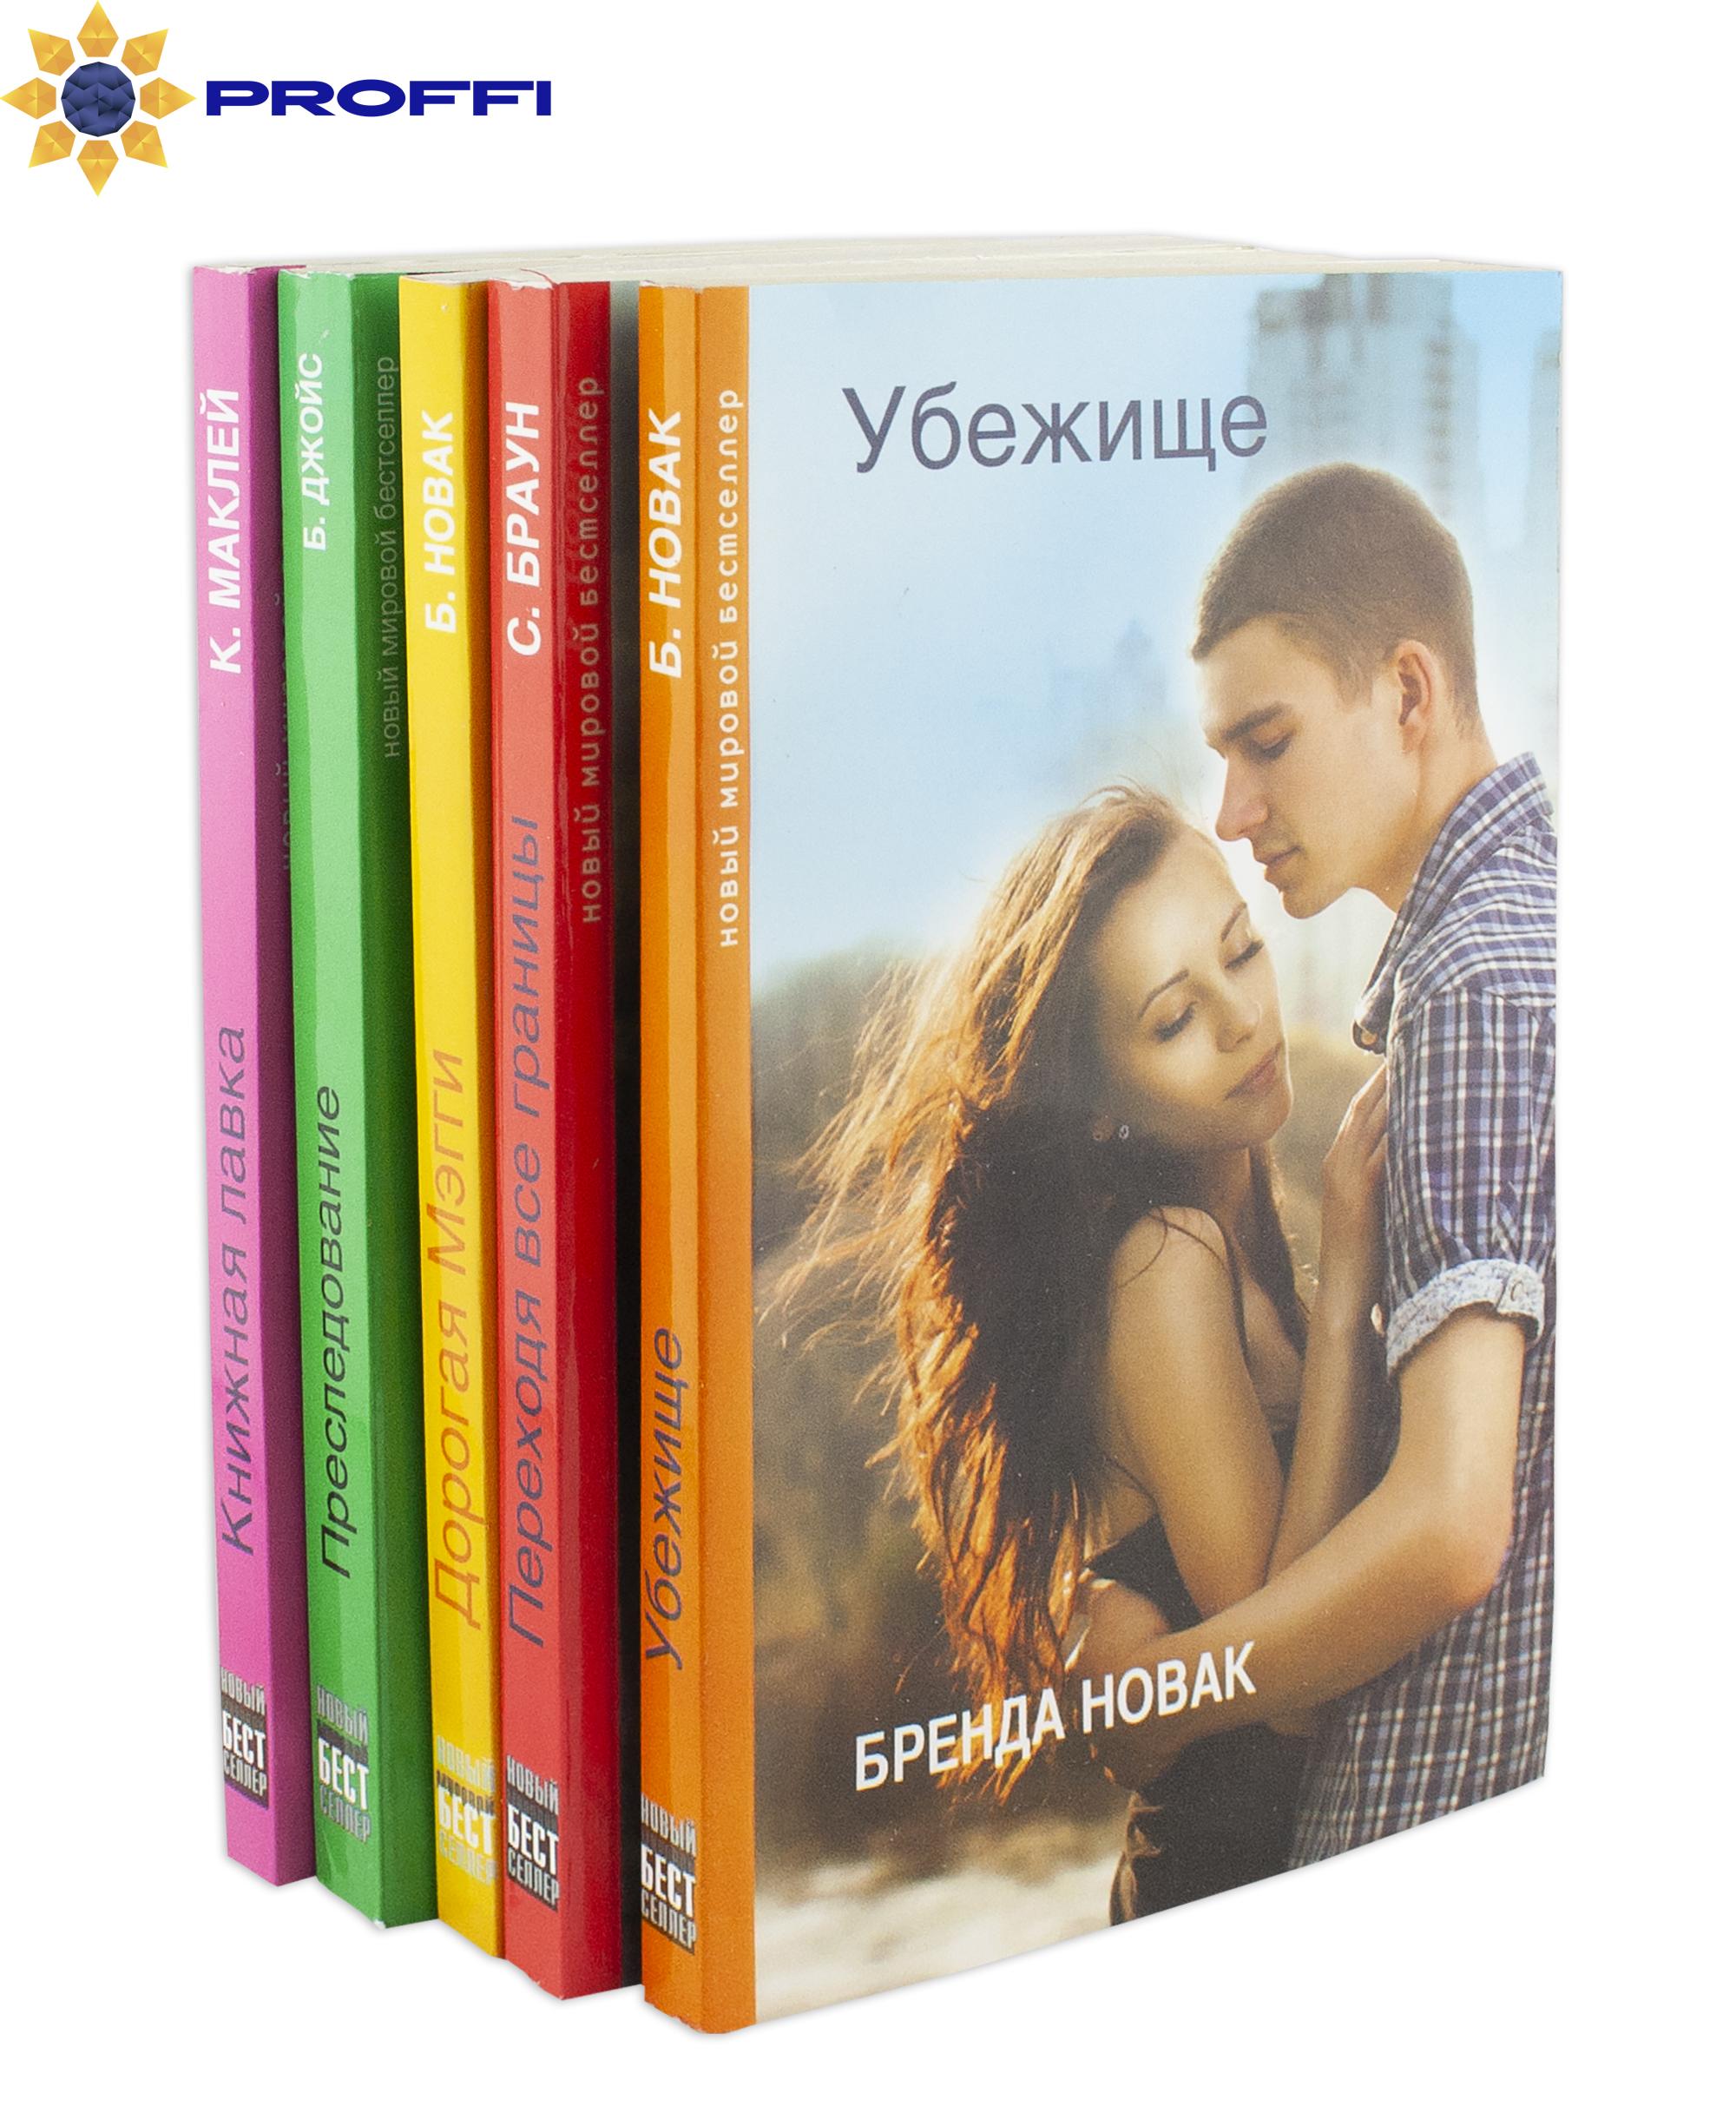 Набор книг Новый мировой бестселлер, 5 шт_03 к маклей книжная лавка издательство капитал